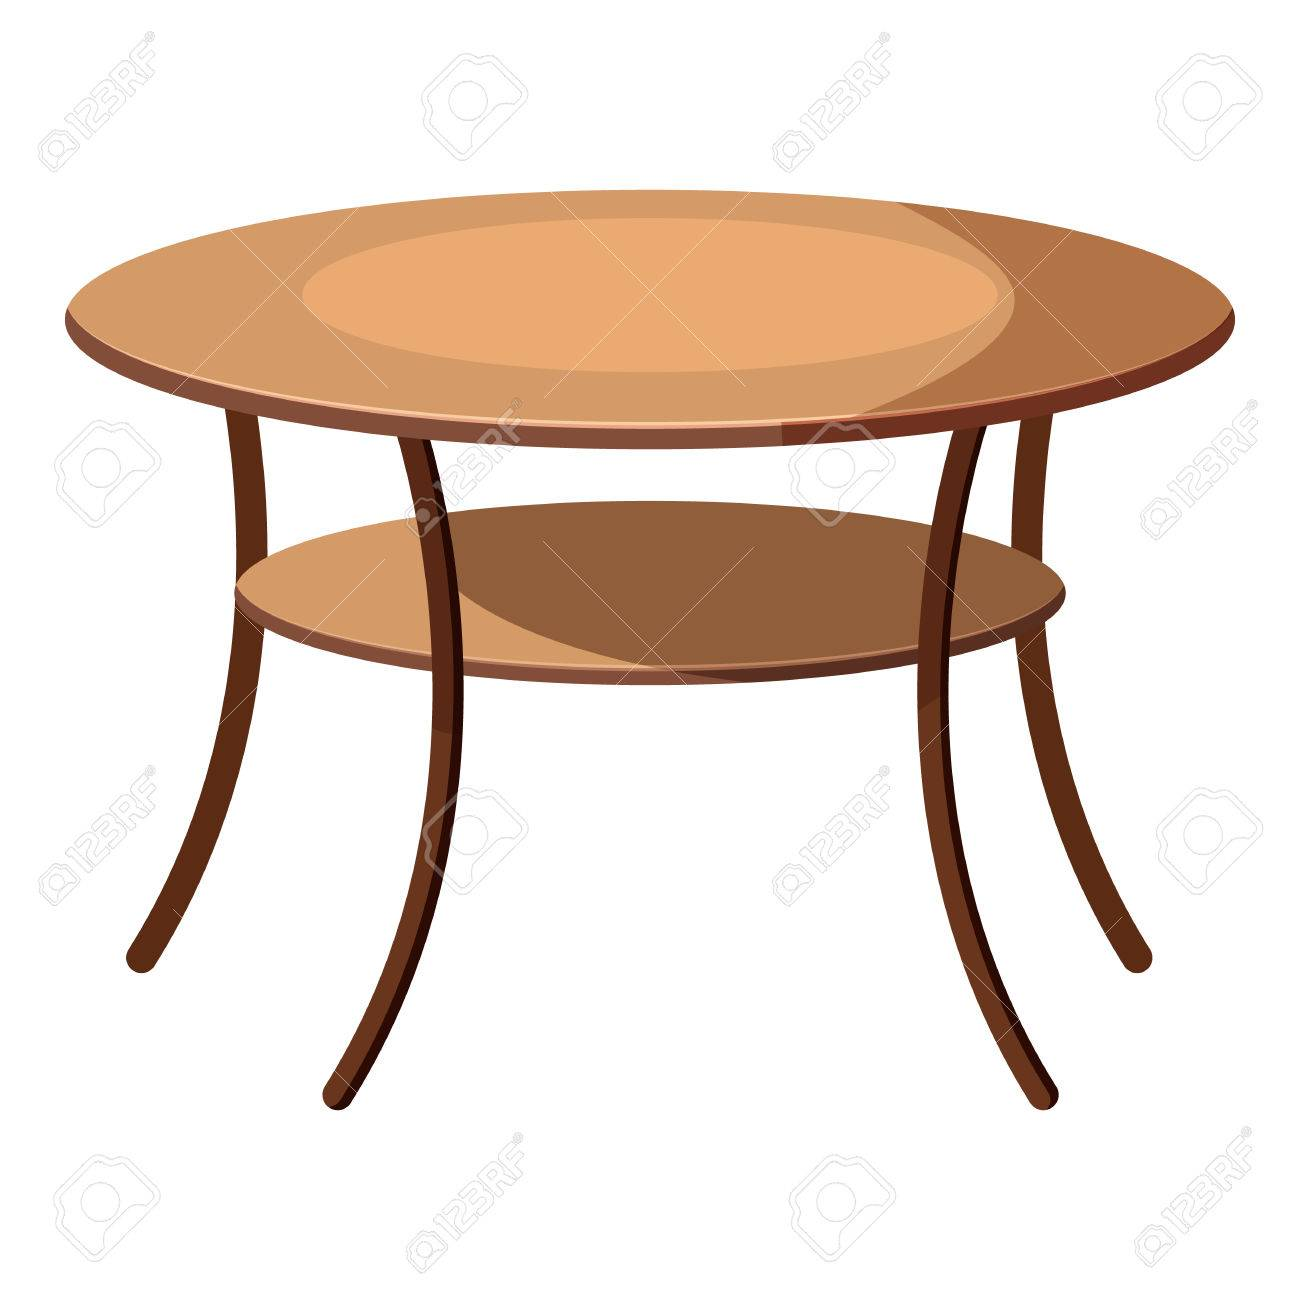 Runder Tisch Symbol In Cartoon Stil Auf Weißem Hintergrund Möbel